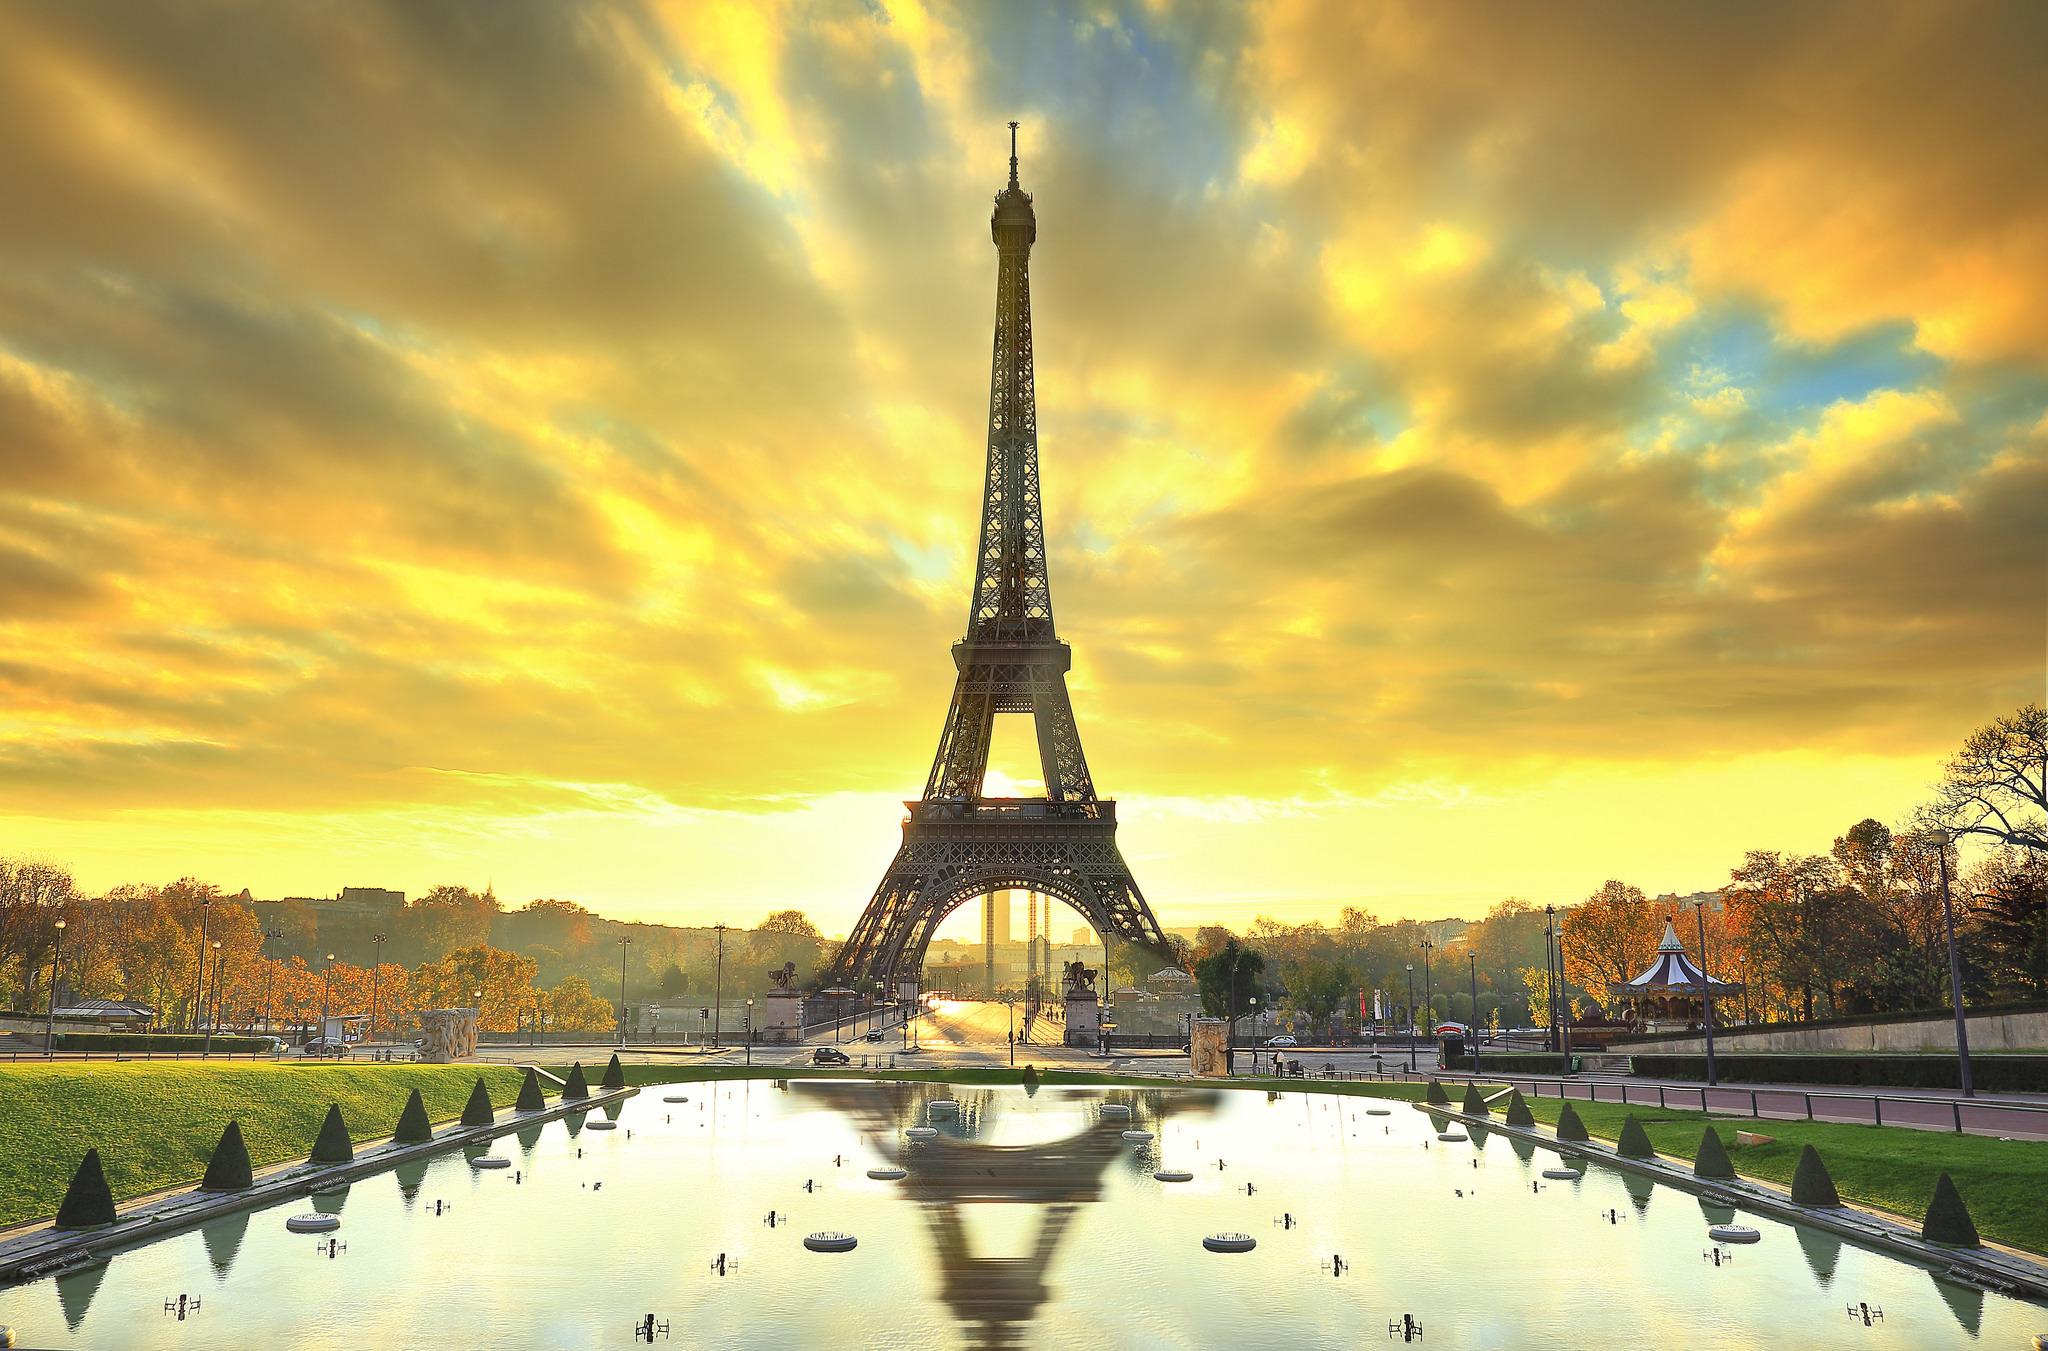 природа страны архитектура Марсово поле Париж Франция  № 824032 бесплатно